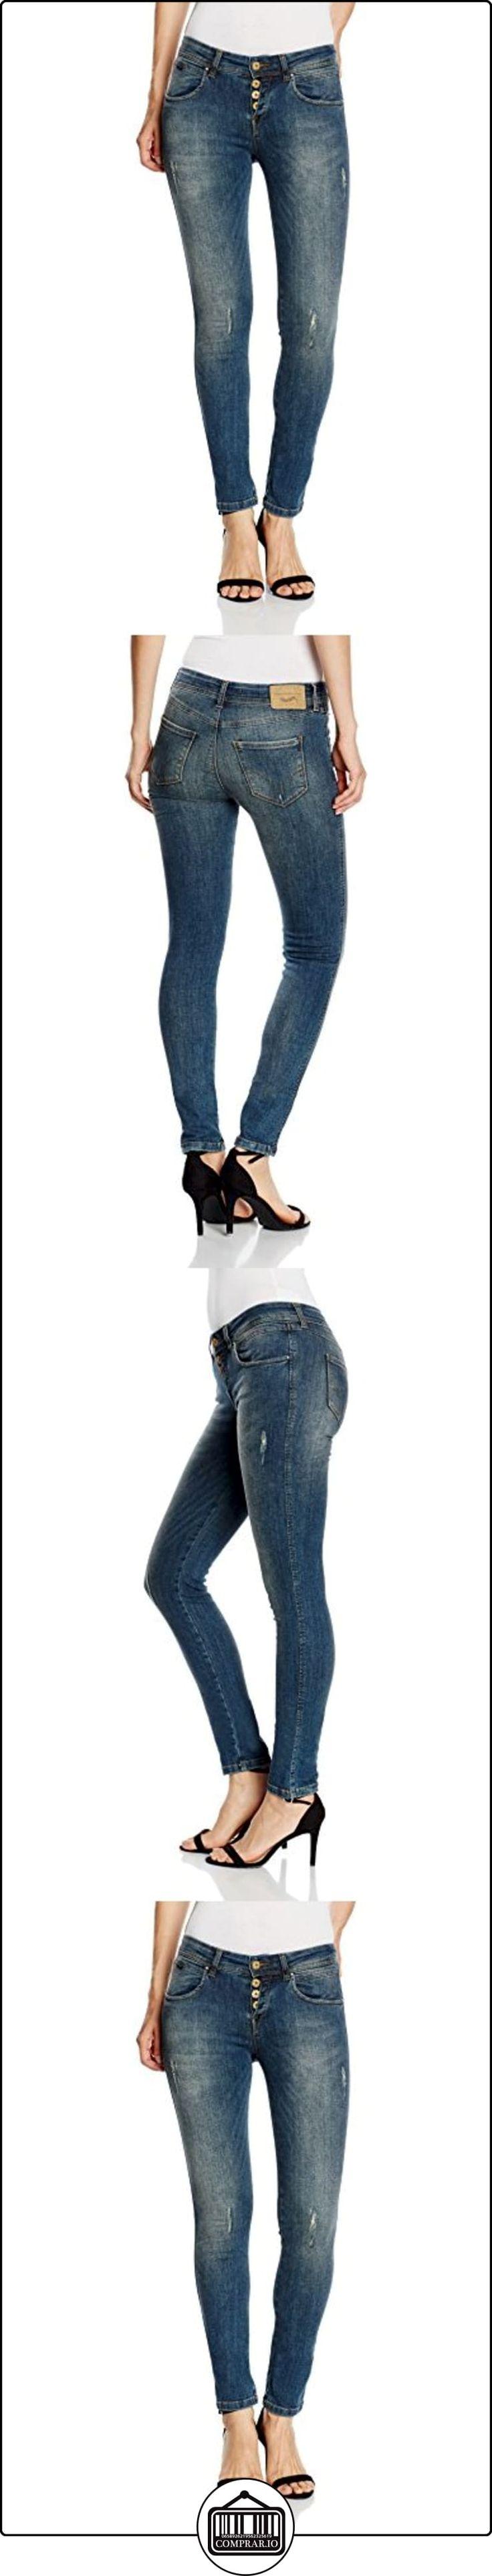 Fornarina New Maya Lux-Stretch Denim Pant, Azul para Mujer, Blau (Middel Blau AO), W32/L31  ✿ Vaqueros ✿